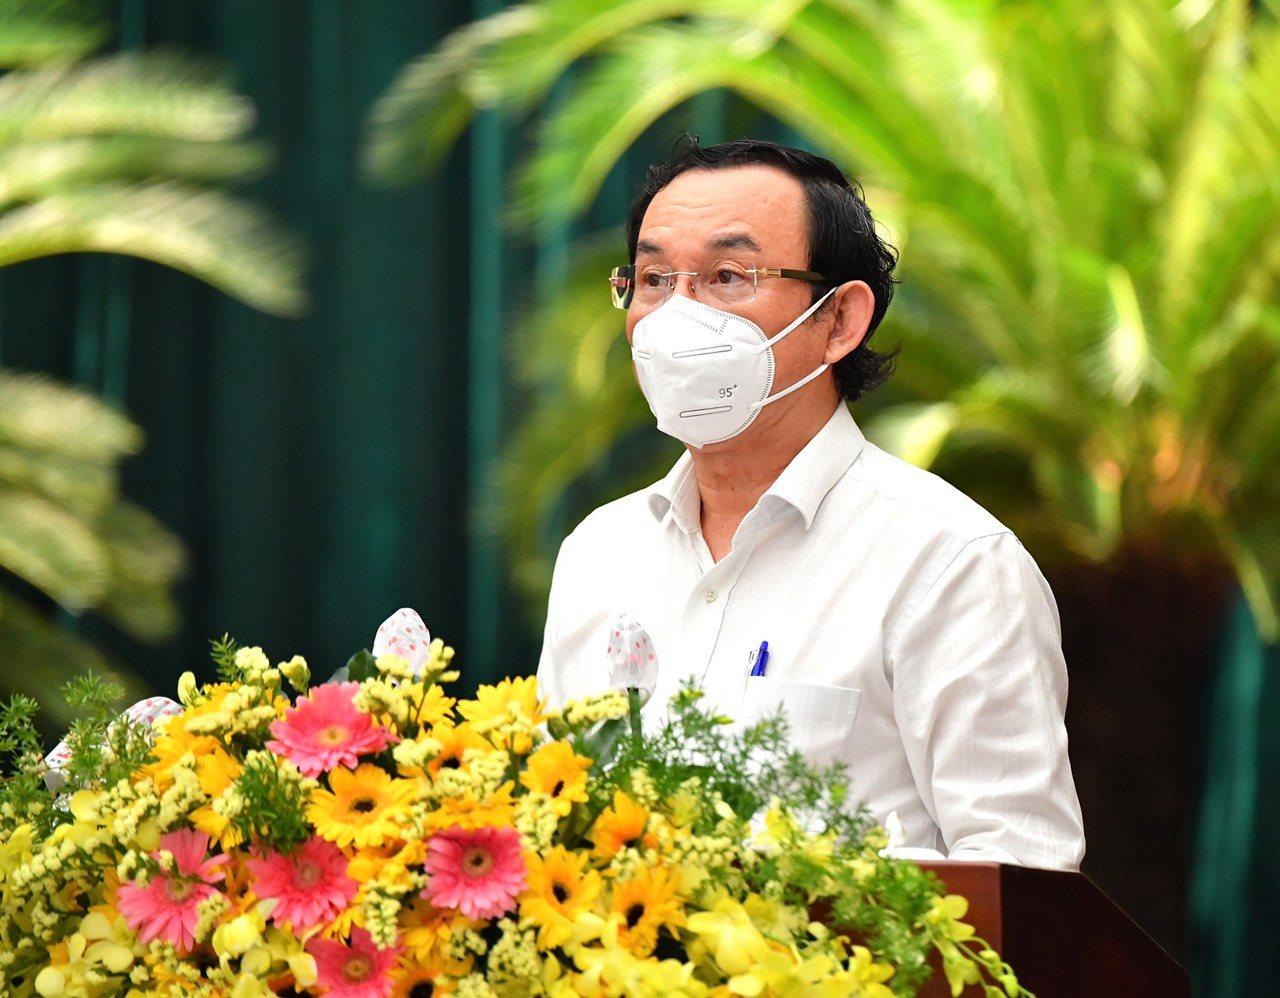 NÓNG: Thành ủy TP HCM đang họp mở rộng bàn nhiều vấn đề quan trọng - Ảnh 3.